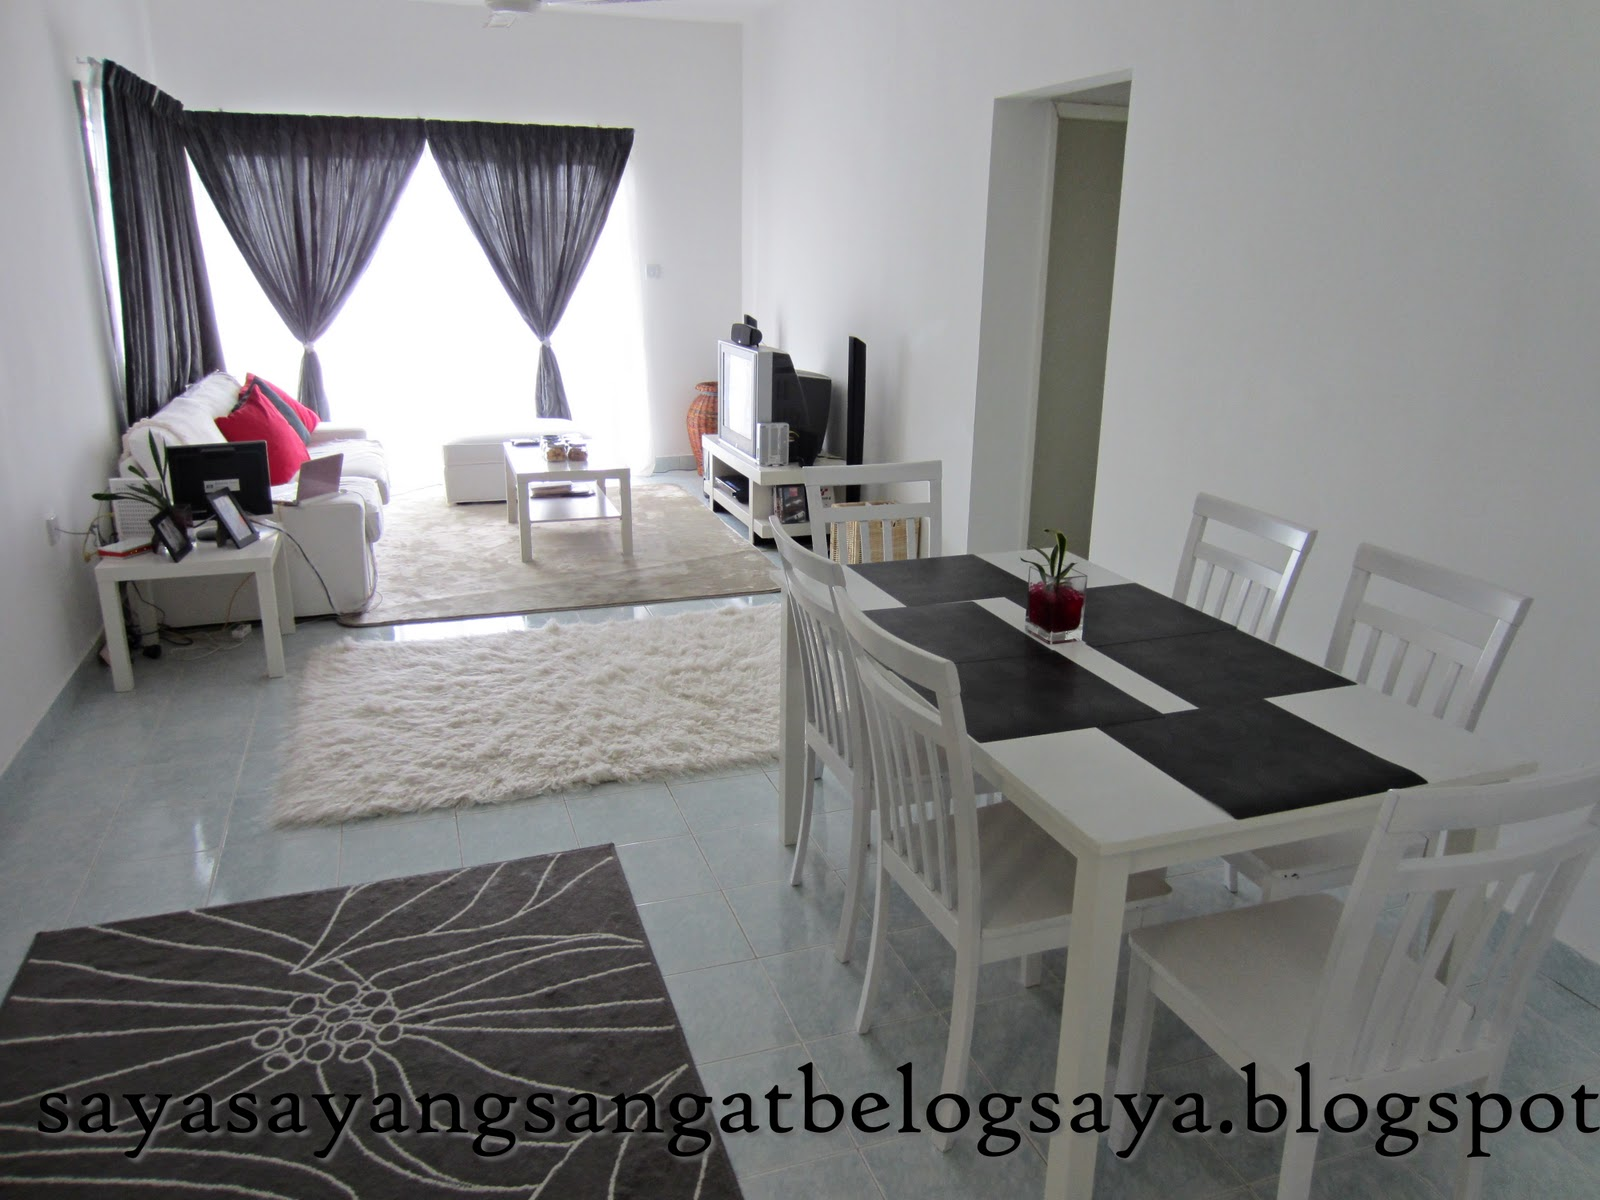 Ruang Tamu Tema Kelabu Desainrumahid